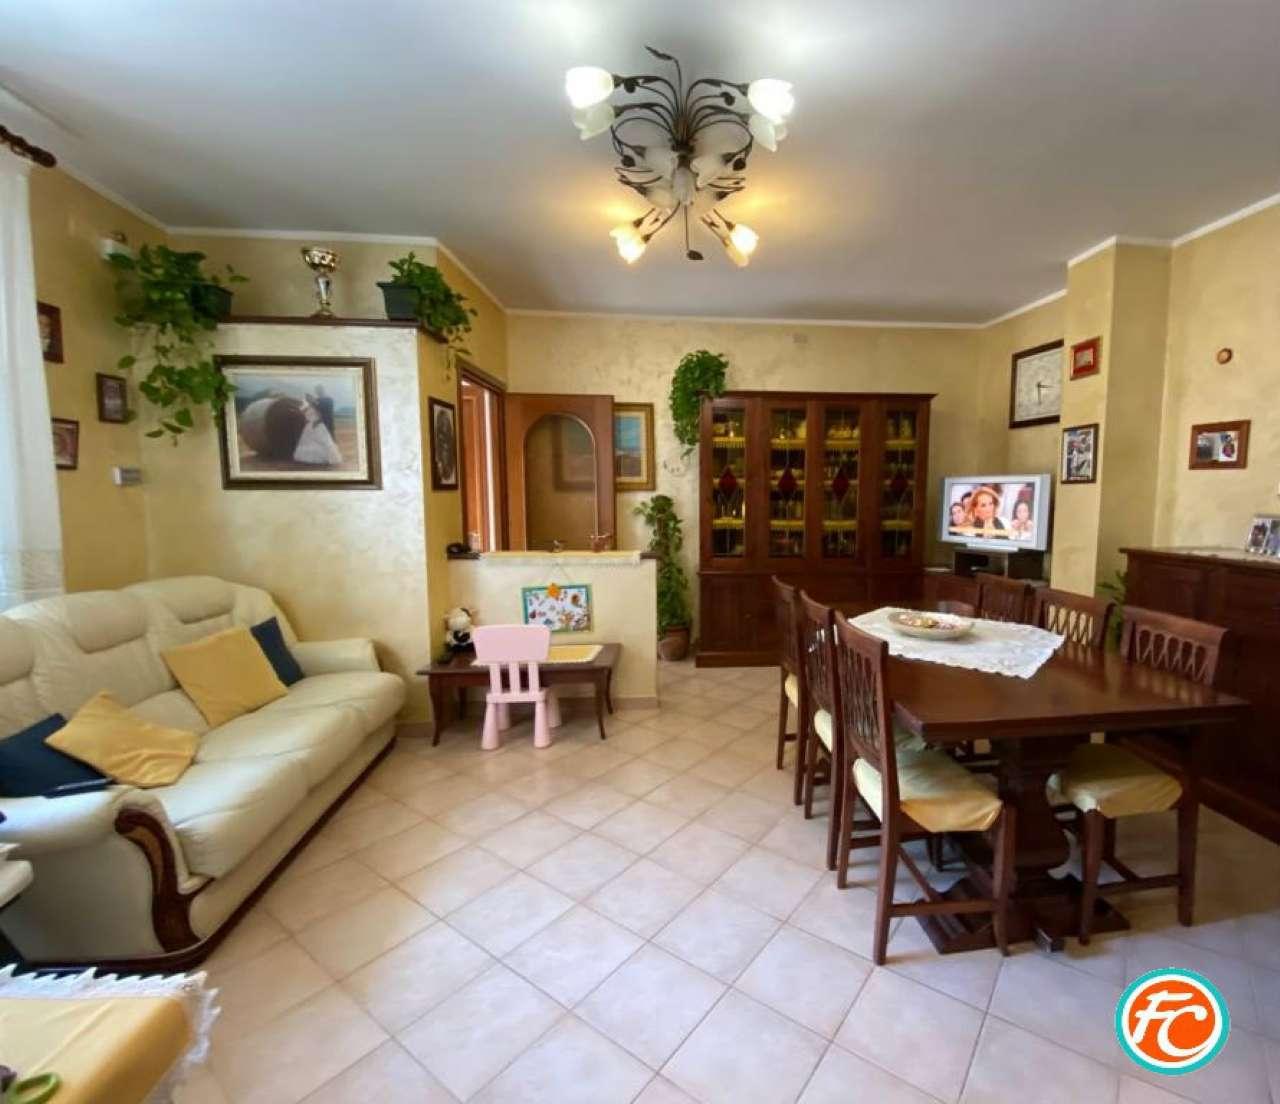 Soluzione Semindipendente in vendita a Sant'Antonino di Susa, 4 locali, prezzo € 89.000 | CambioCasa.it